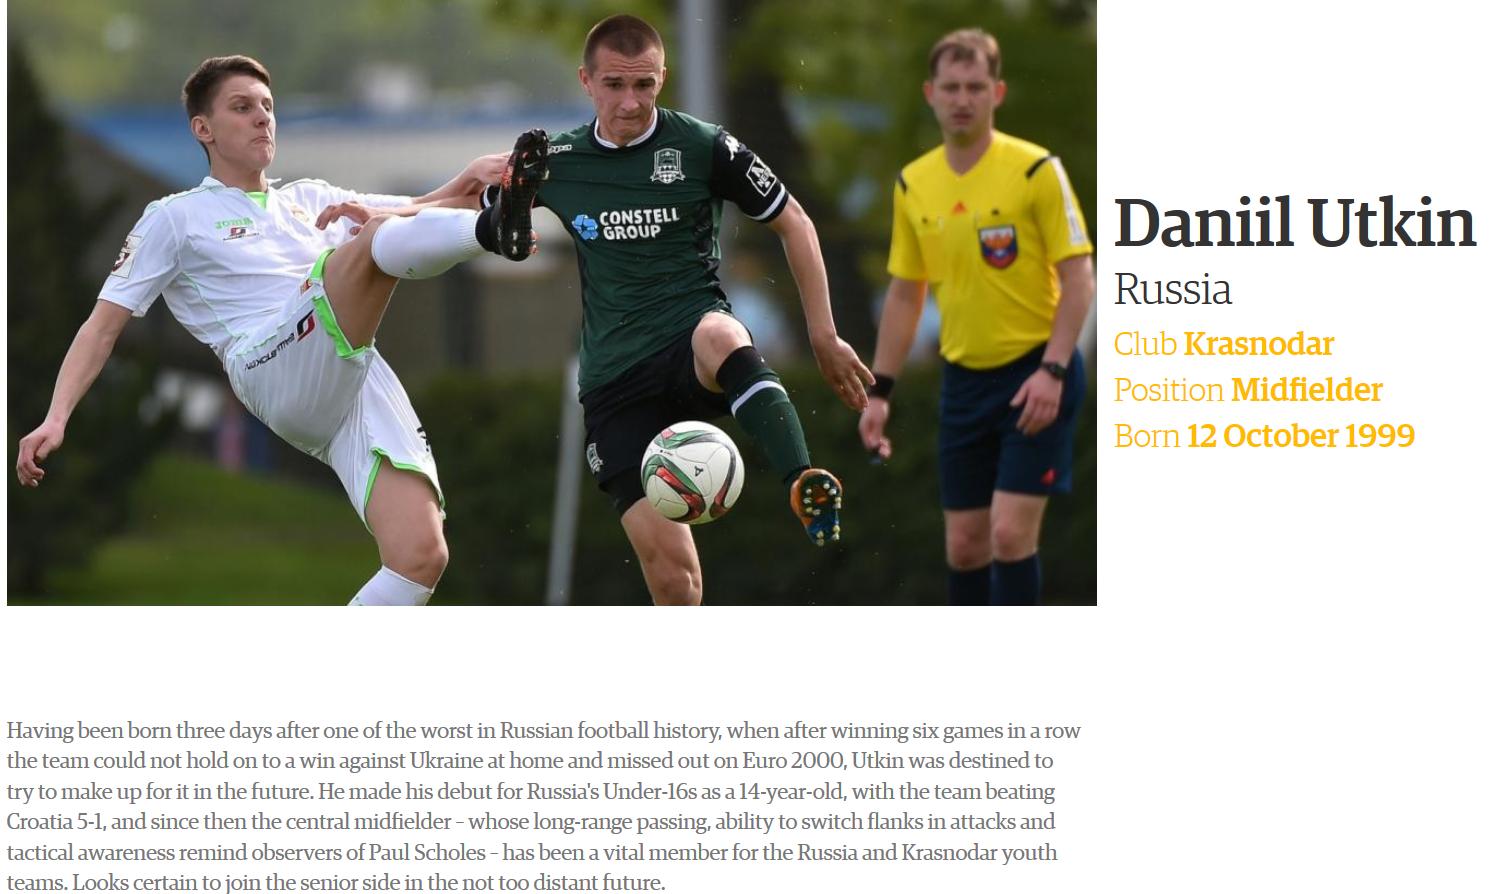 Молодой воспитанник «Краснодара» может сыграть вместо Каборе с «Зенитом». Англичане назвали его «новым Скоулзом» Спорт